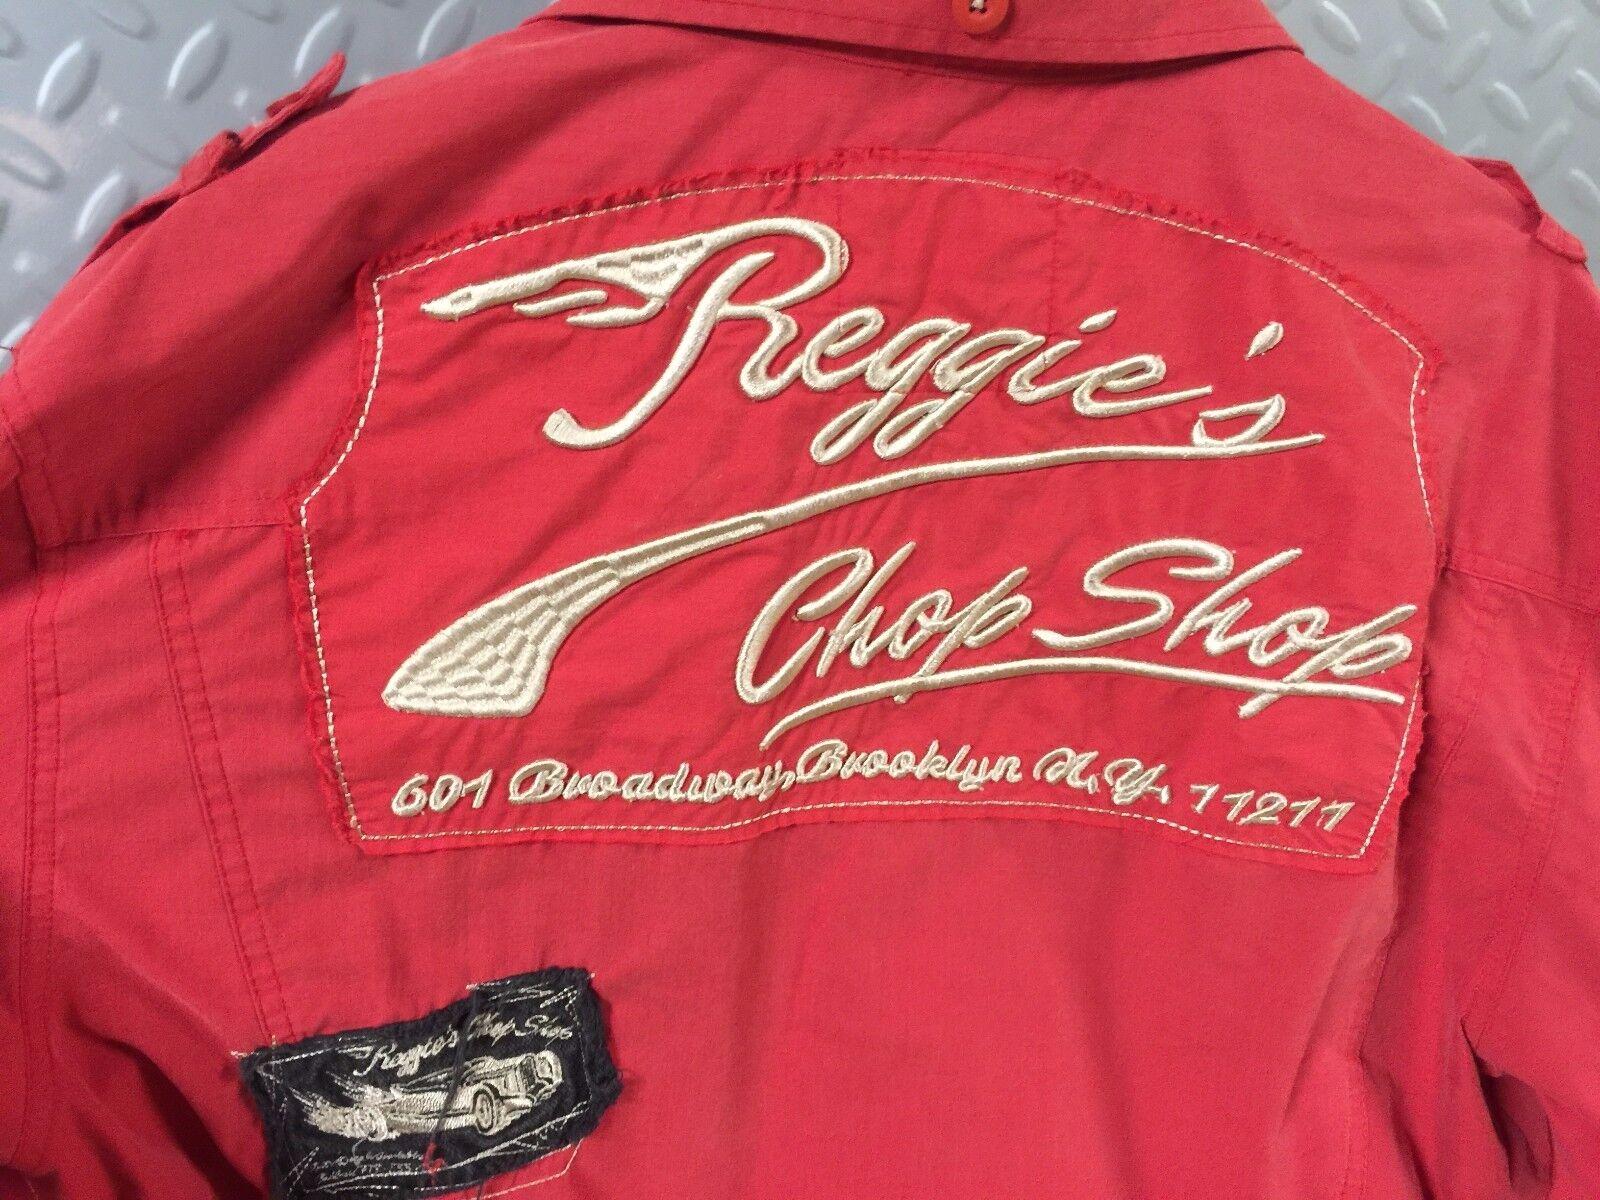 d3a221fb 18706 Mens RAT Reggie's Chop Shop Button Front SHIRT L Large ROD  nssaec4-Casual Shirts & Tops